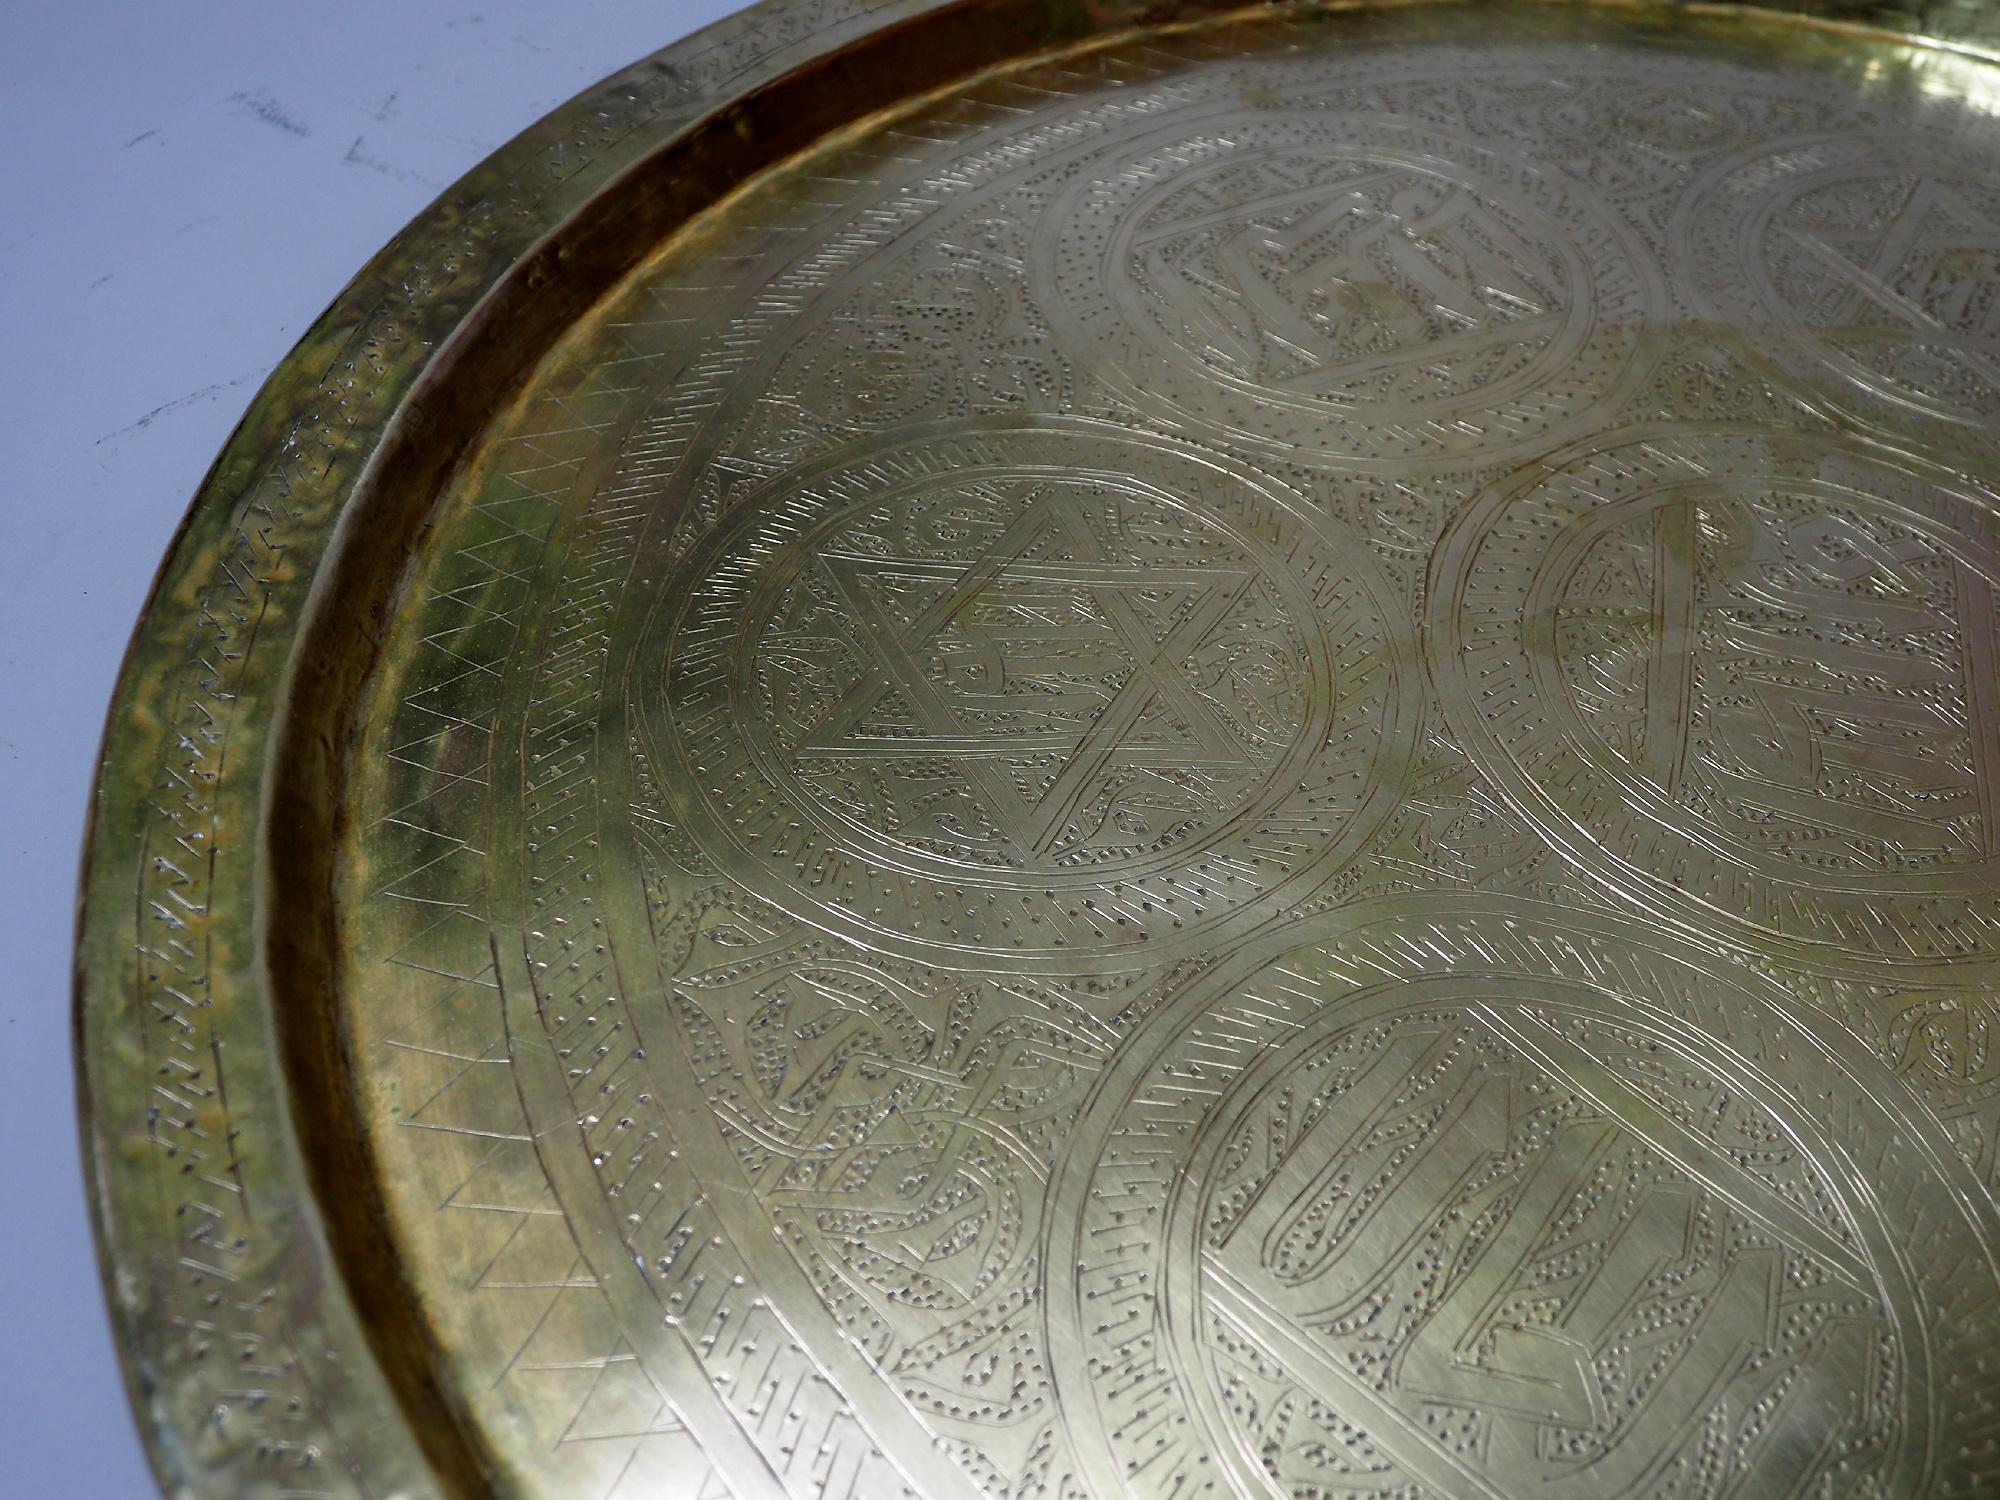 60 Ø antik osmanisch ägyptisch marokkanisch orient Messing tablett Teetisch beisteltisch Afghanistan syrien arabische kalligraphie 21/C